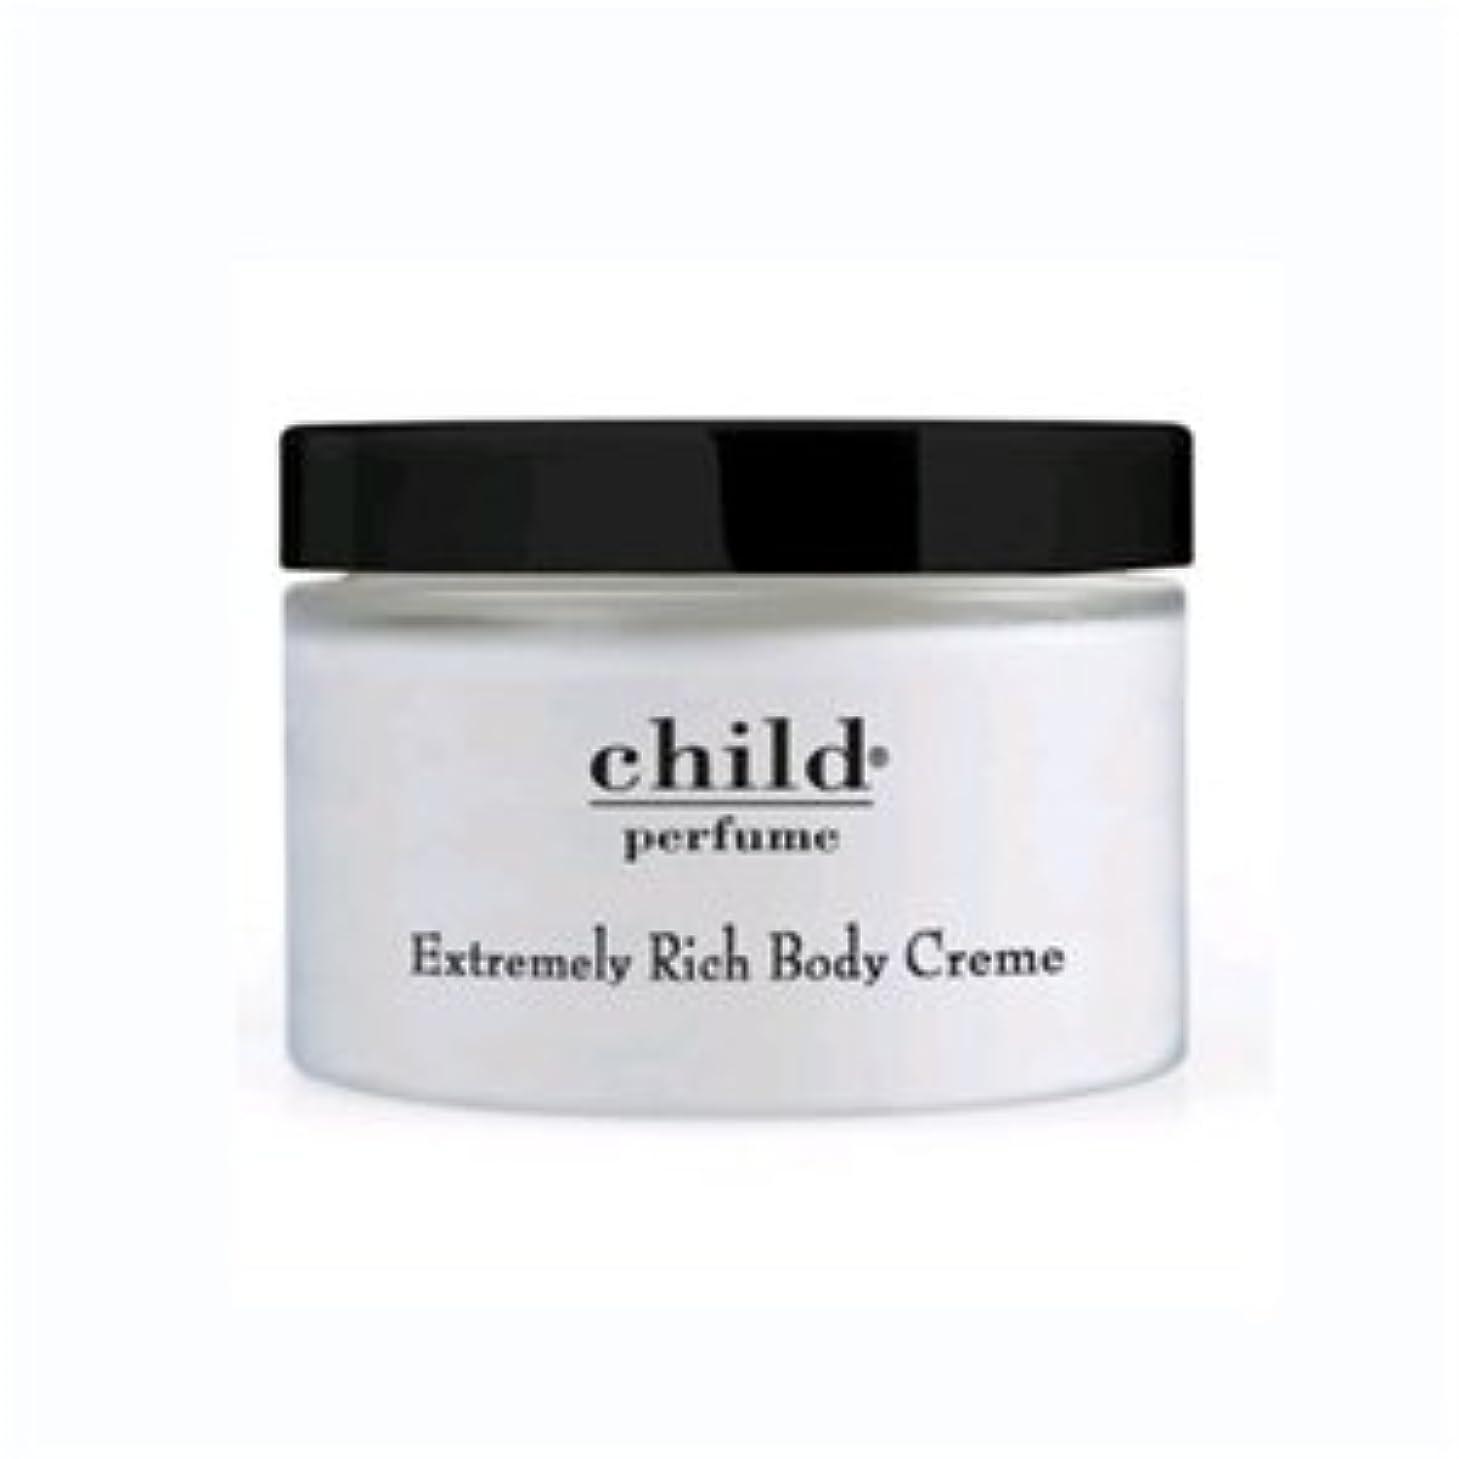 じゃがいもシャーク種をまくChild Extremely Rich Body Creme (チャイルド エクストリームリーリッチ ボディークリーム) 8.0 oz (240ml) by Child for Women